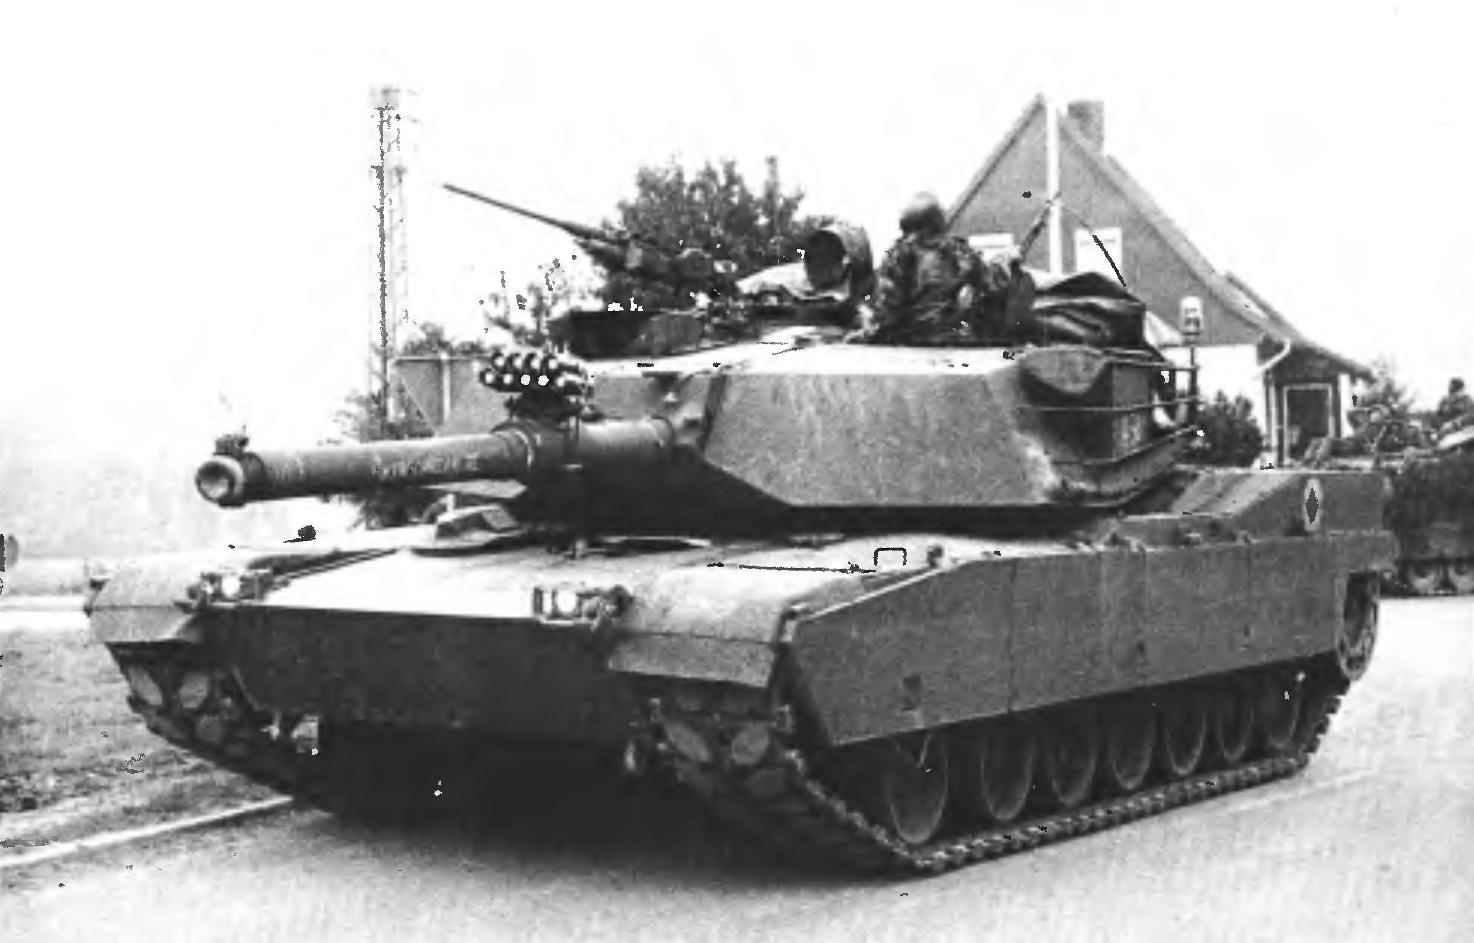 Основной боевой танк М1 «Абрамс» во время манёвров в Германии. 1980-е годы.